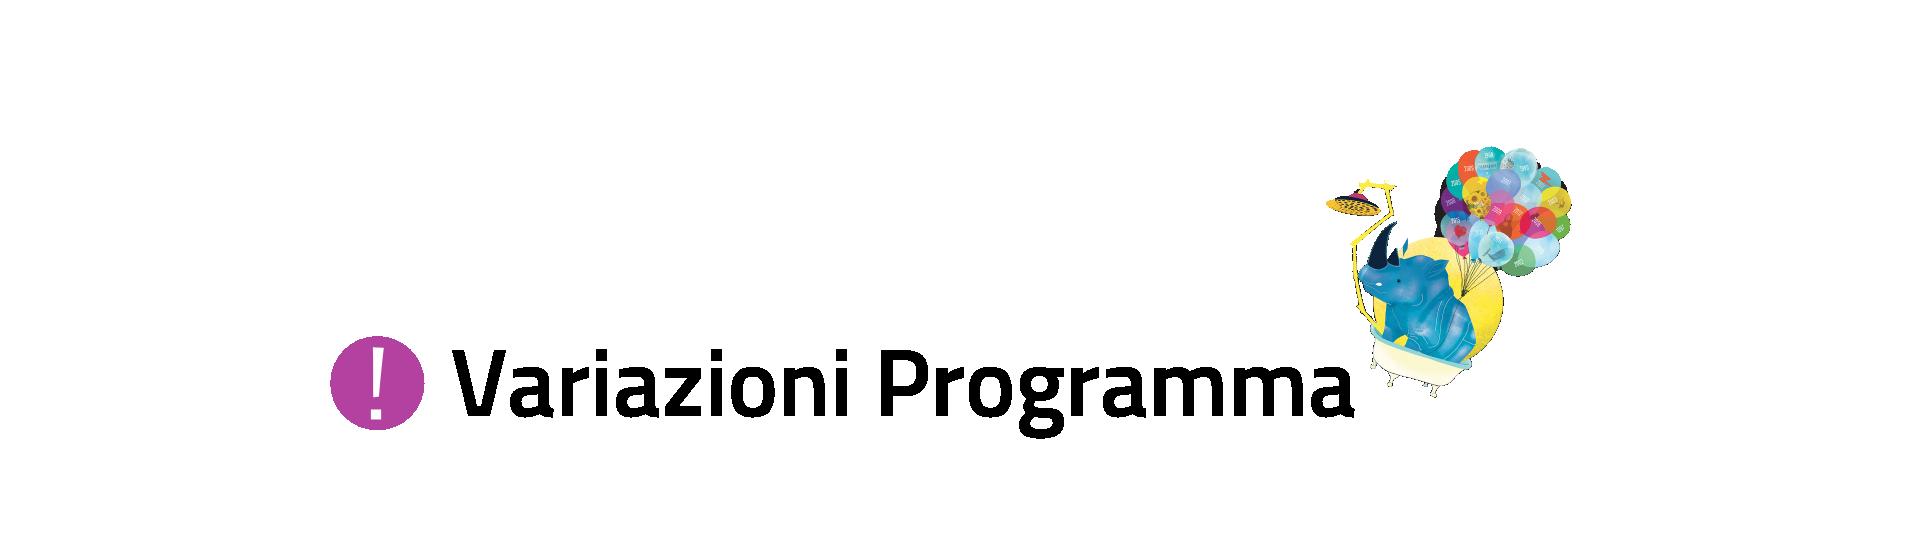 Variazioni Programma AIP 2016